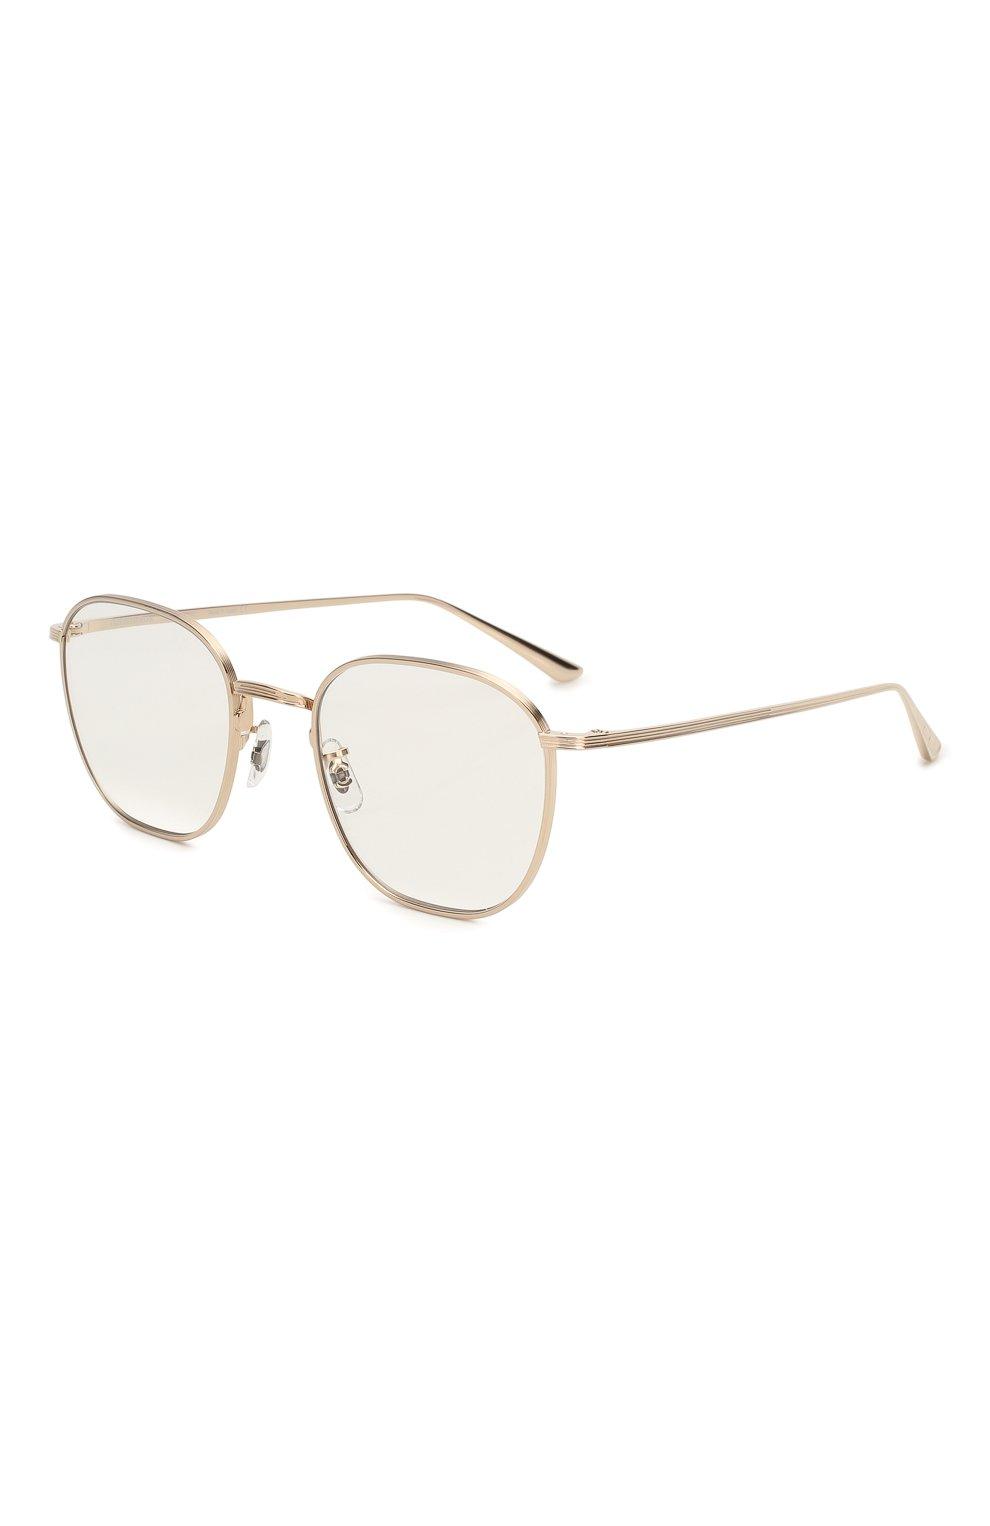 Женские солнцезащитные очки OLIVER PEOPLES золотого цвета, арт. 1230ST-52921W | Фото 1